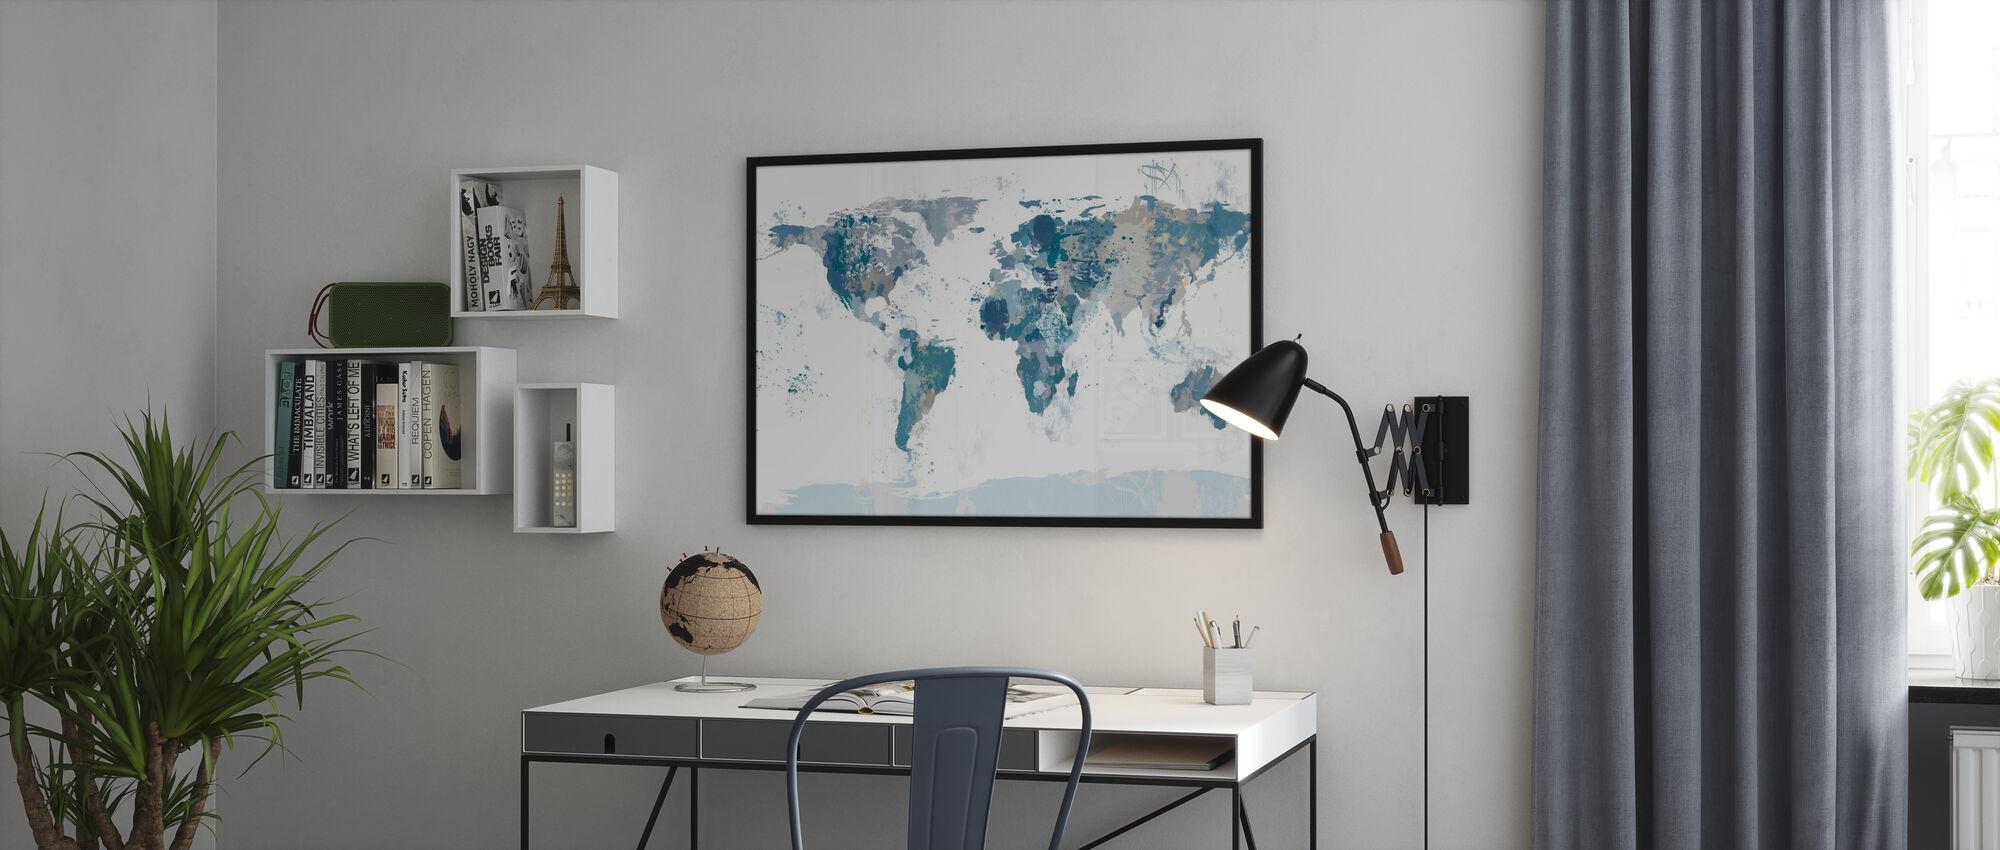 Splash World Map - Poster - Office